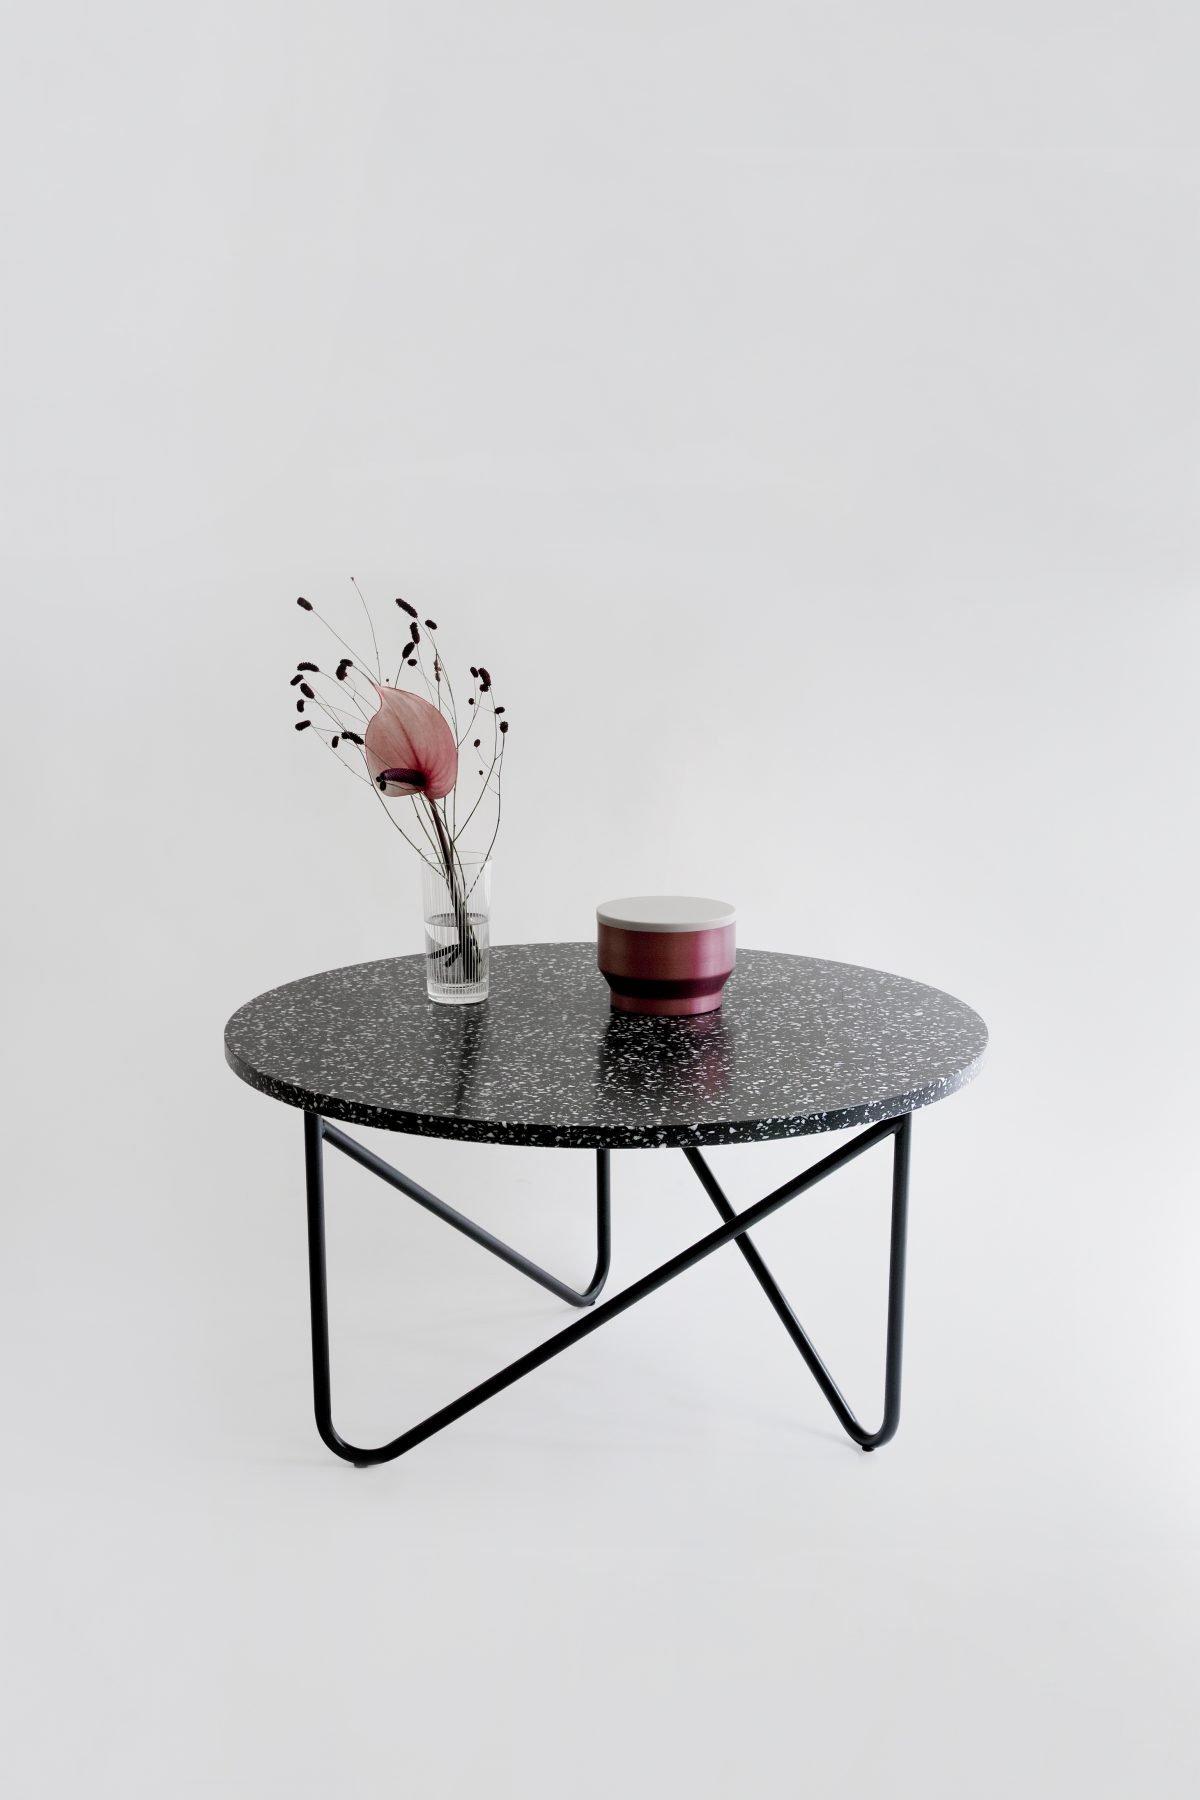 VVV Table / Black Stracciatella - ein lässiger, präziser und stabiler Beistelltisch.